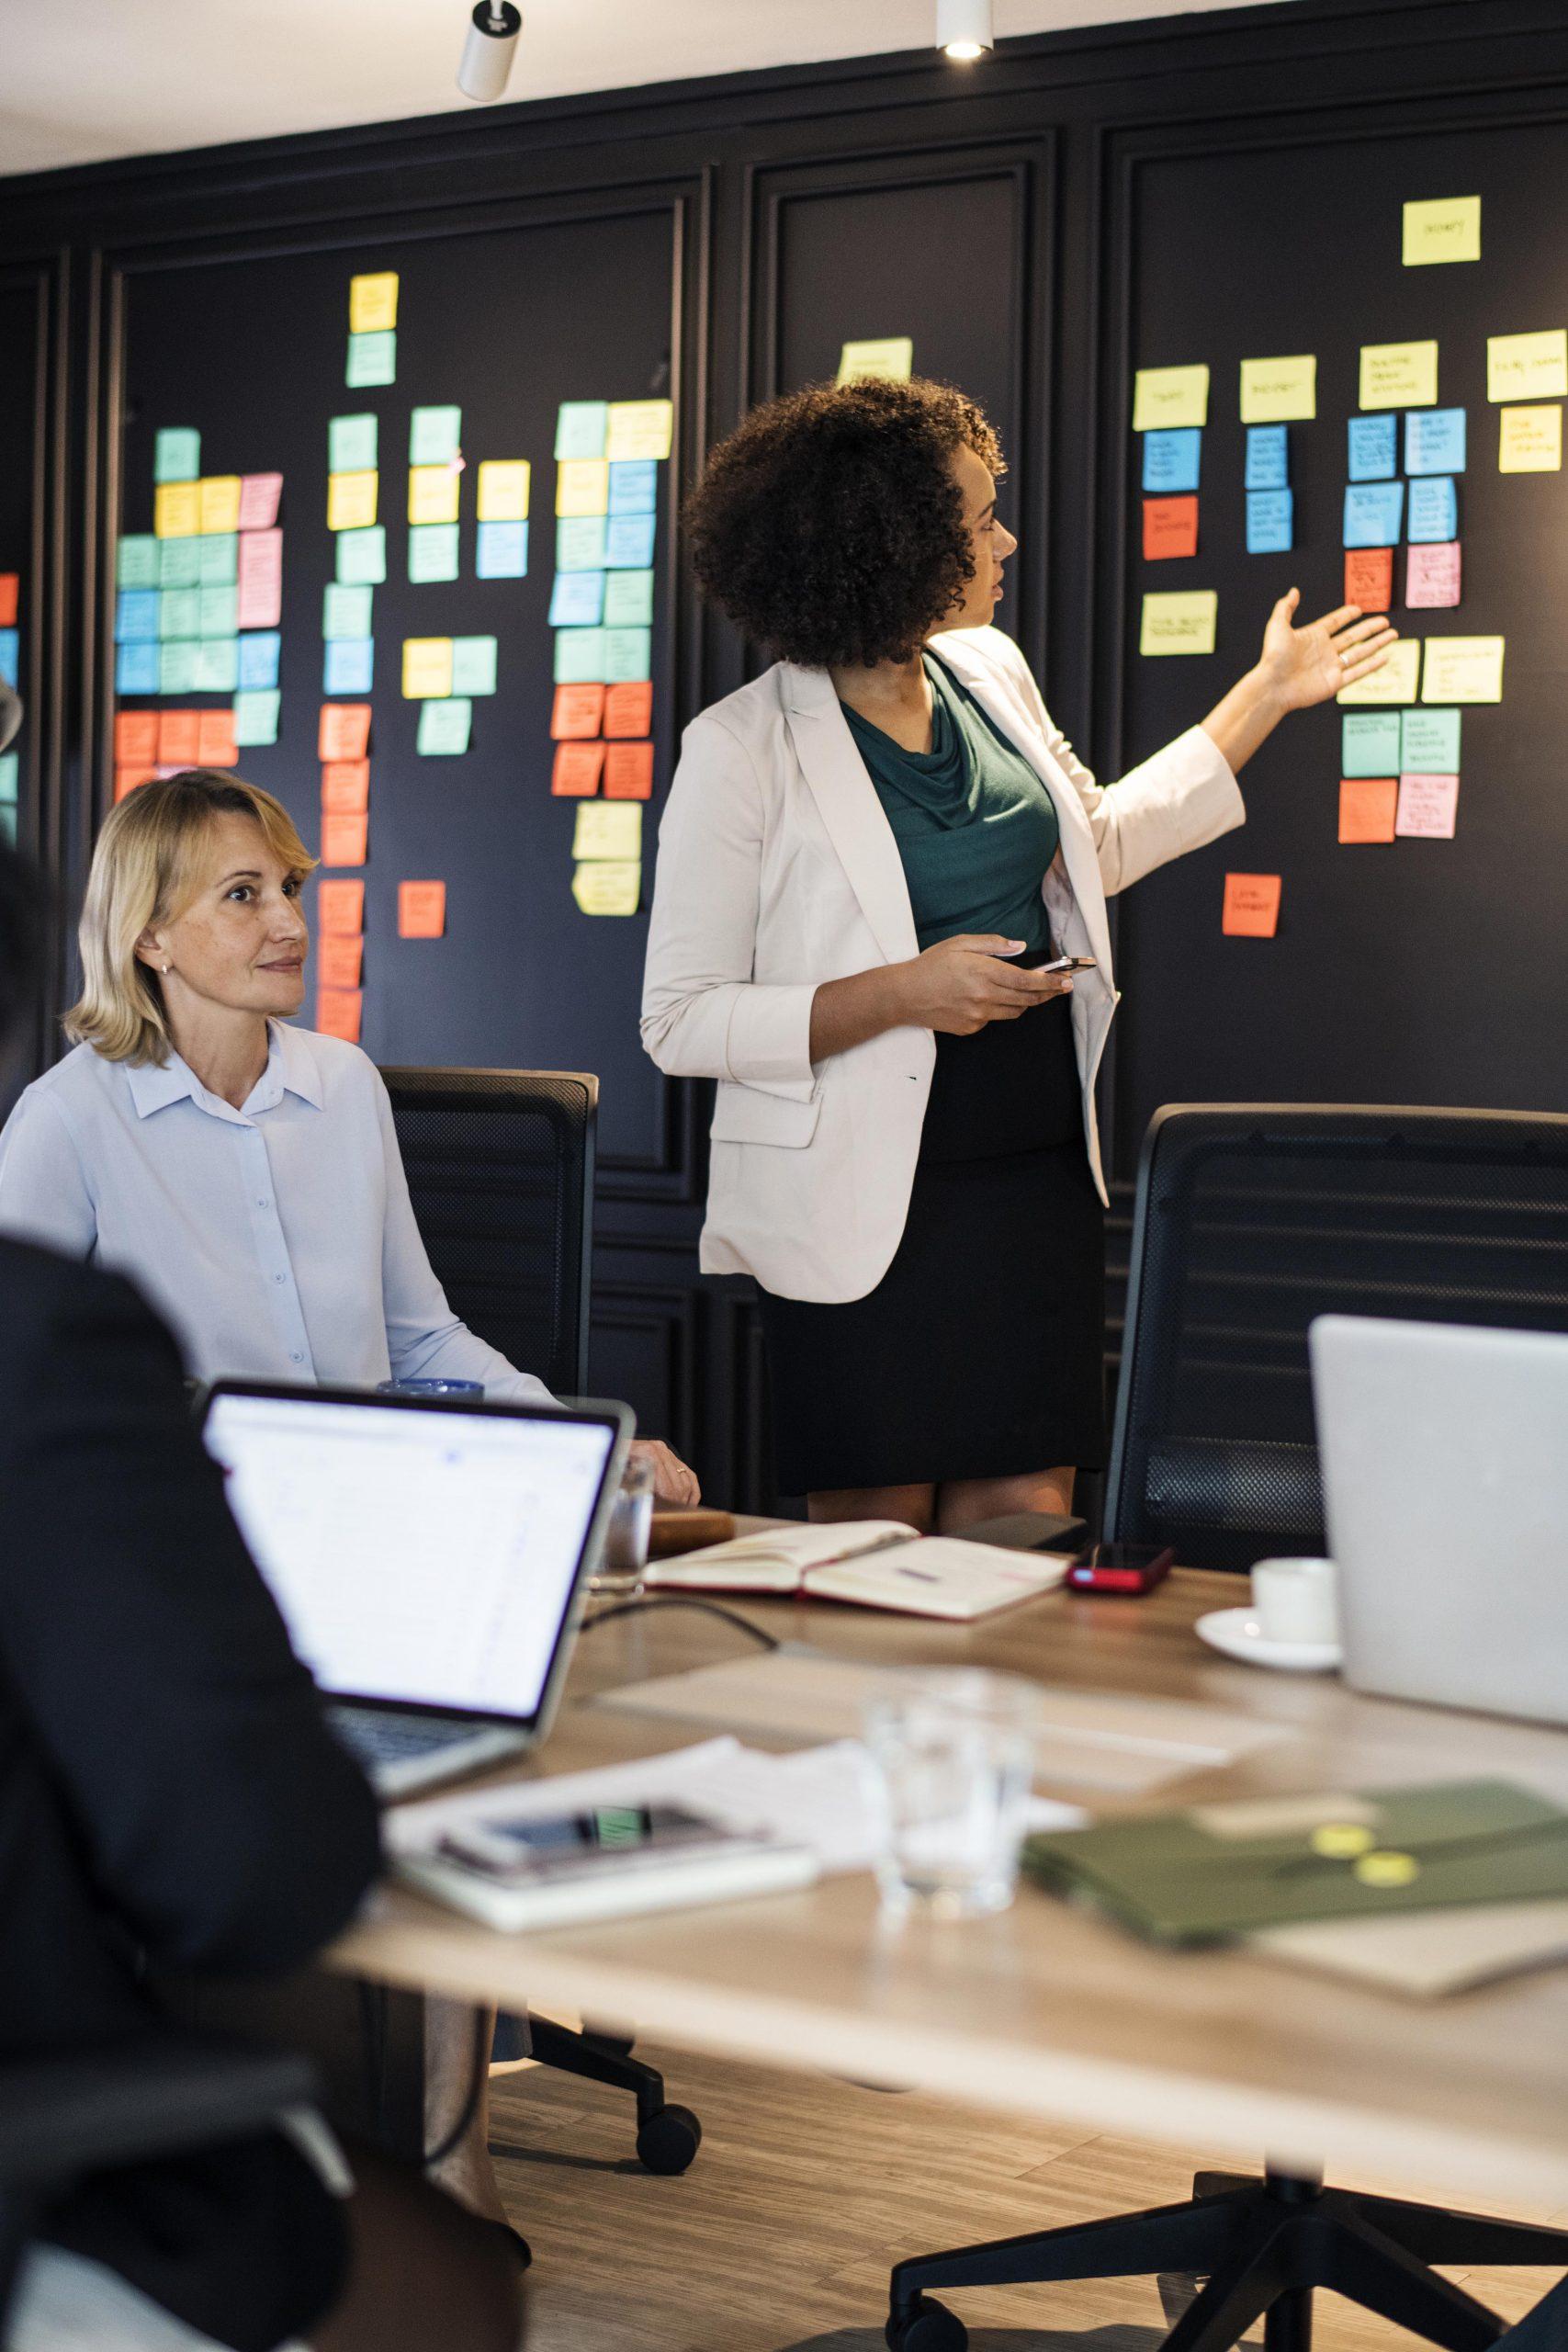 deux femmes lors d'une réunion de travail